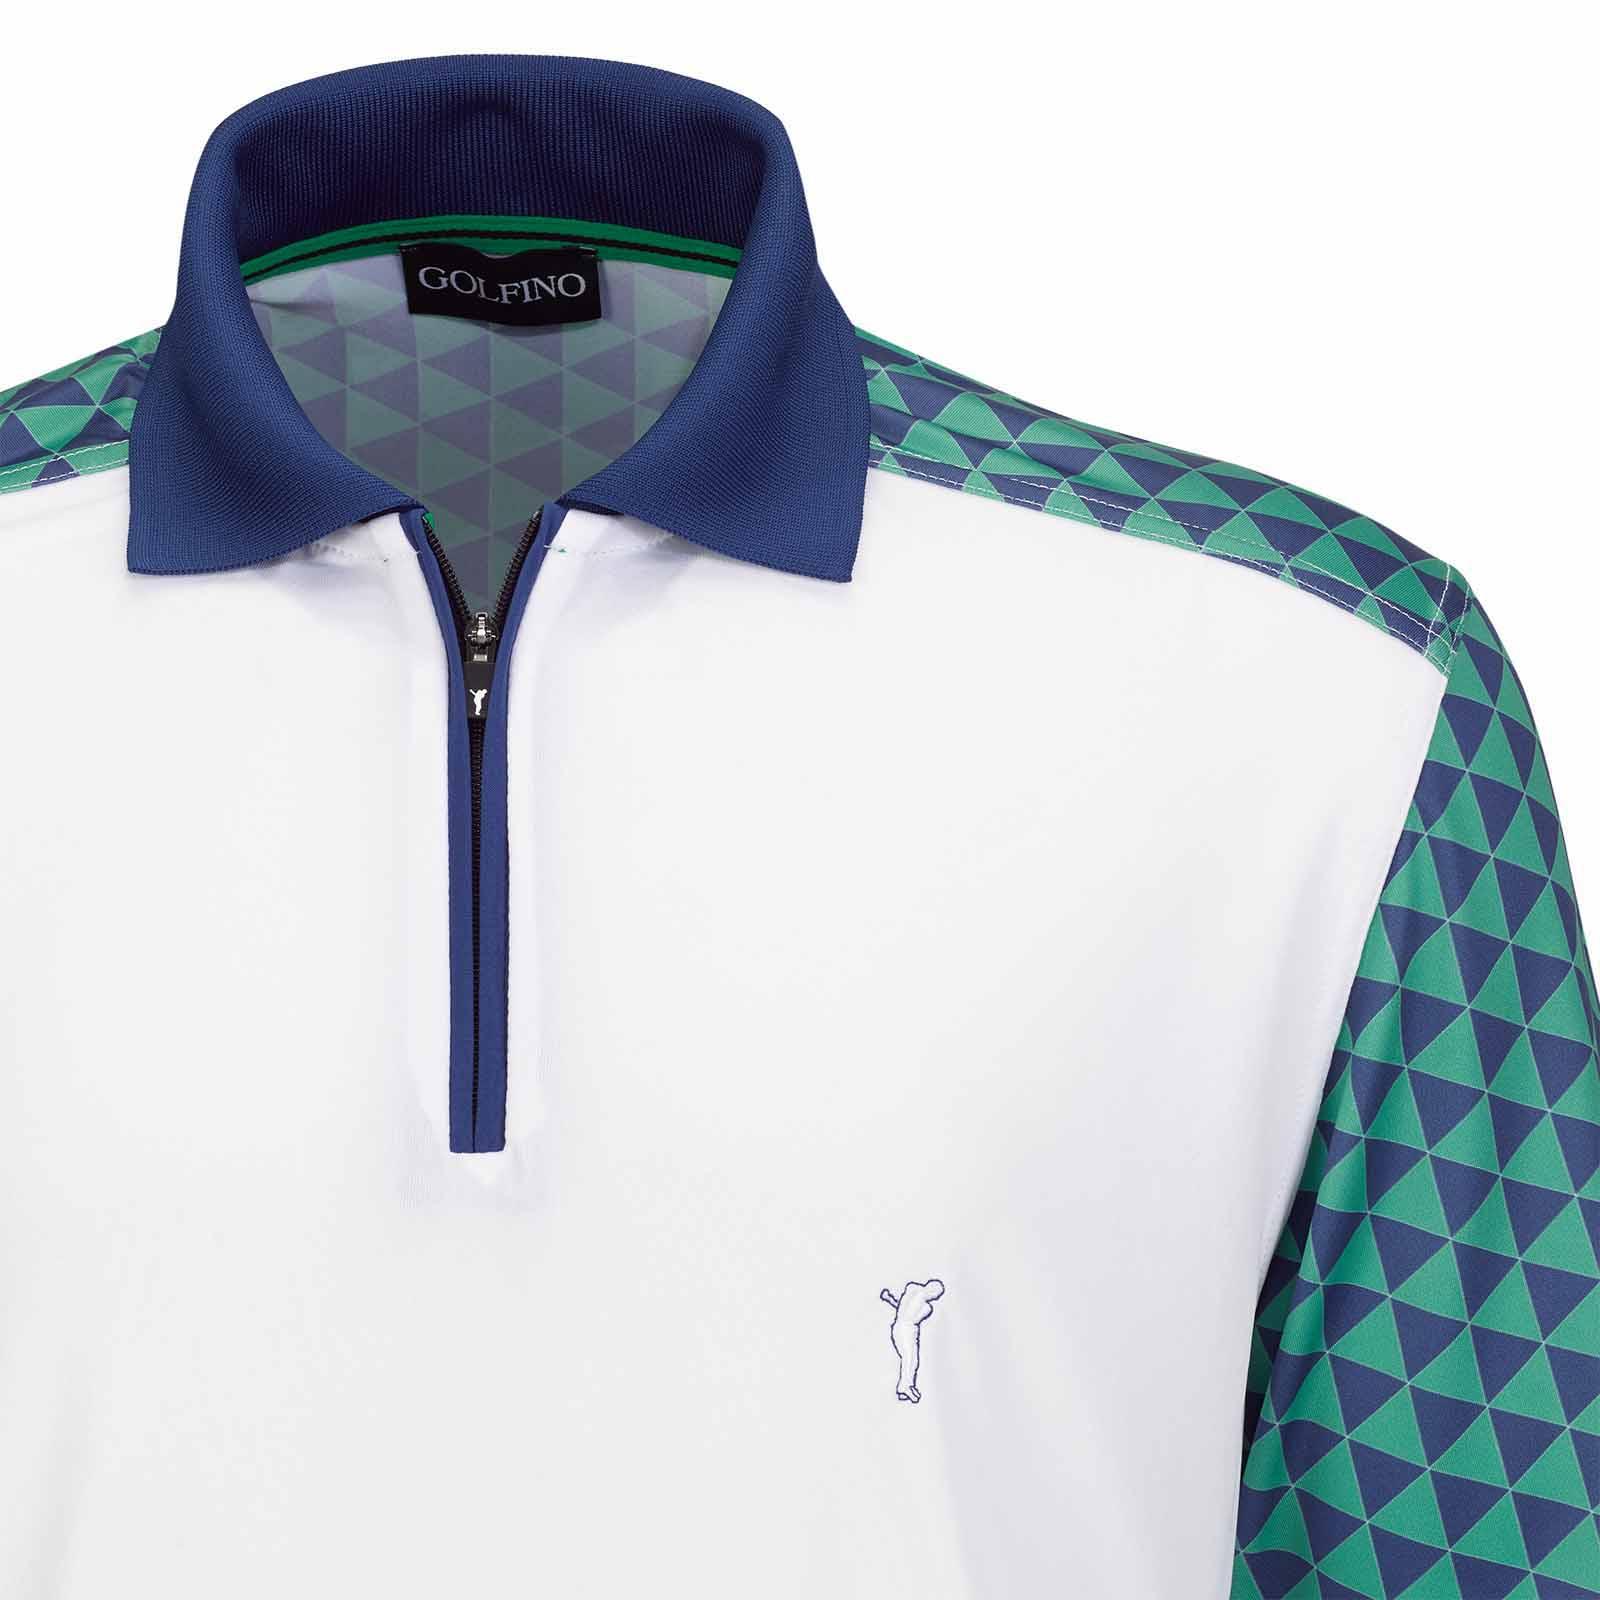 Herren Kurzarm Polo Shirt mit Sonnenschutz und antibakteriellen Eigenschaften